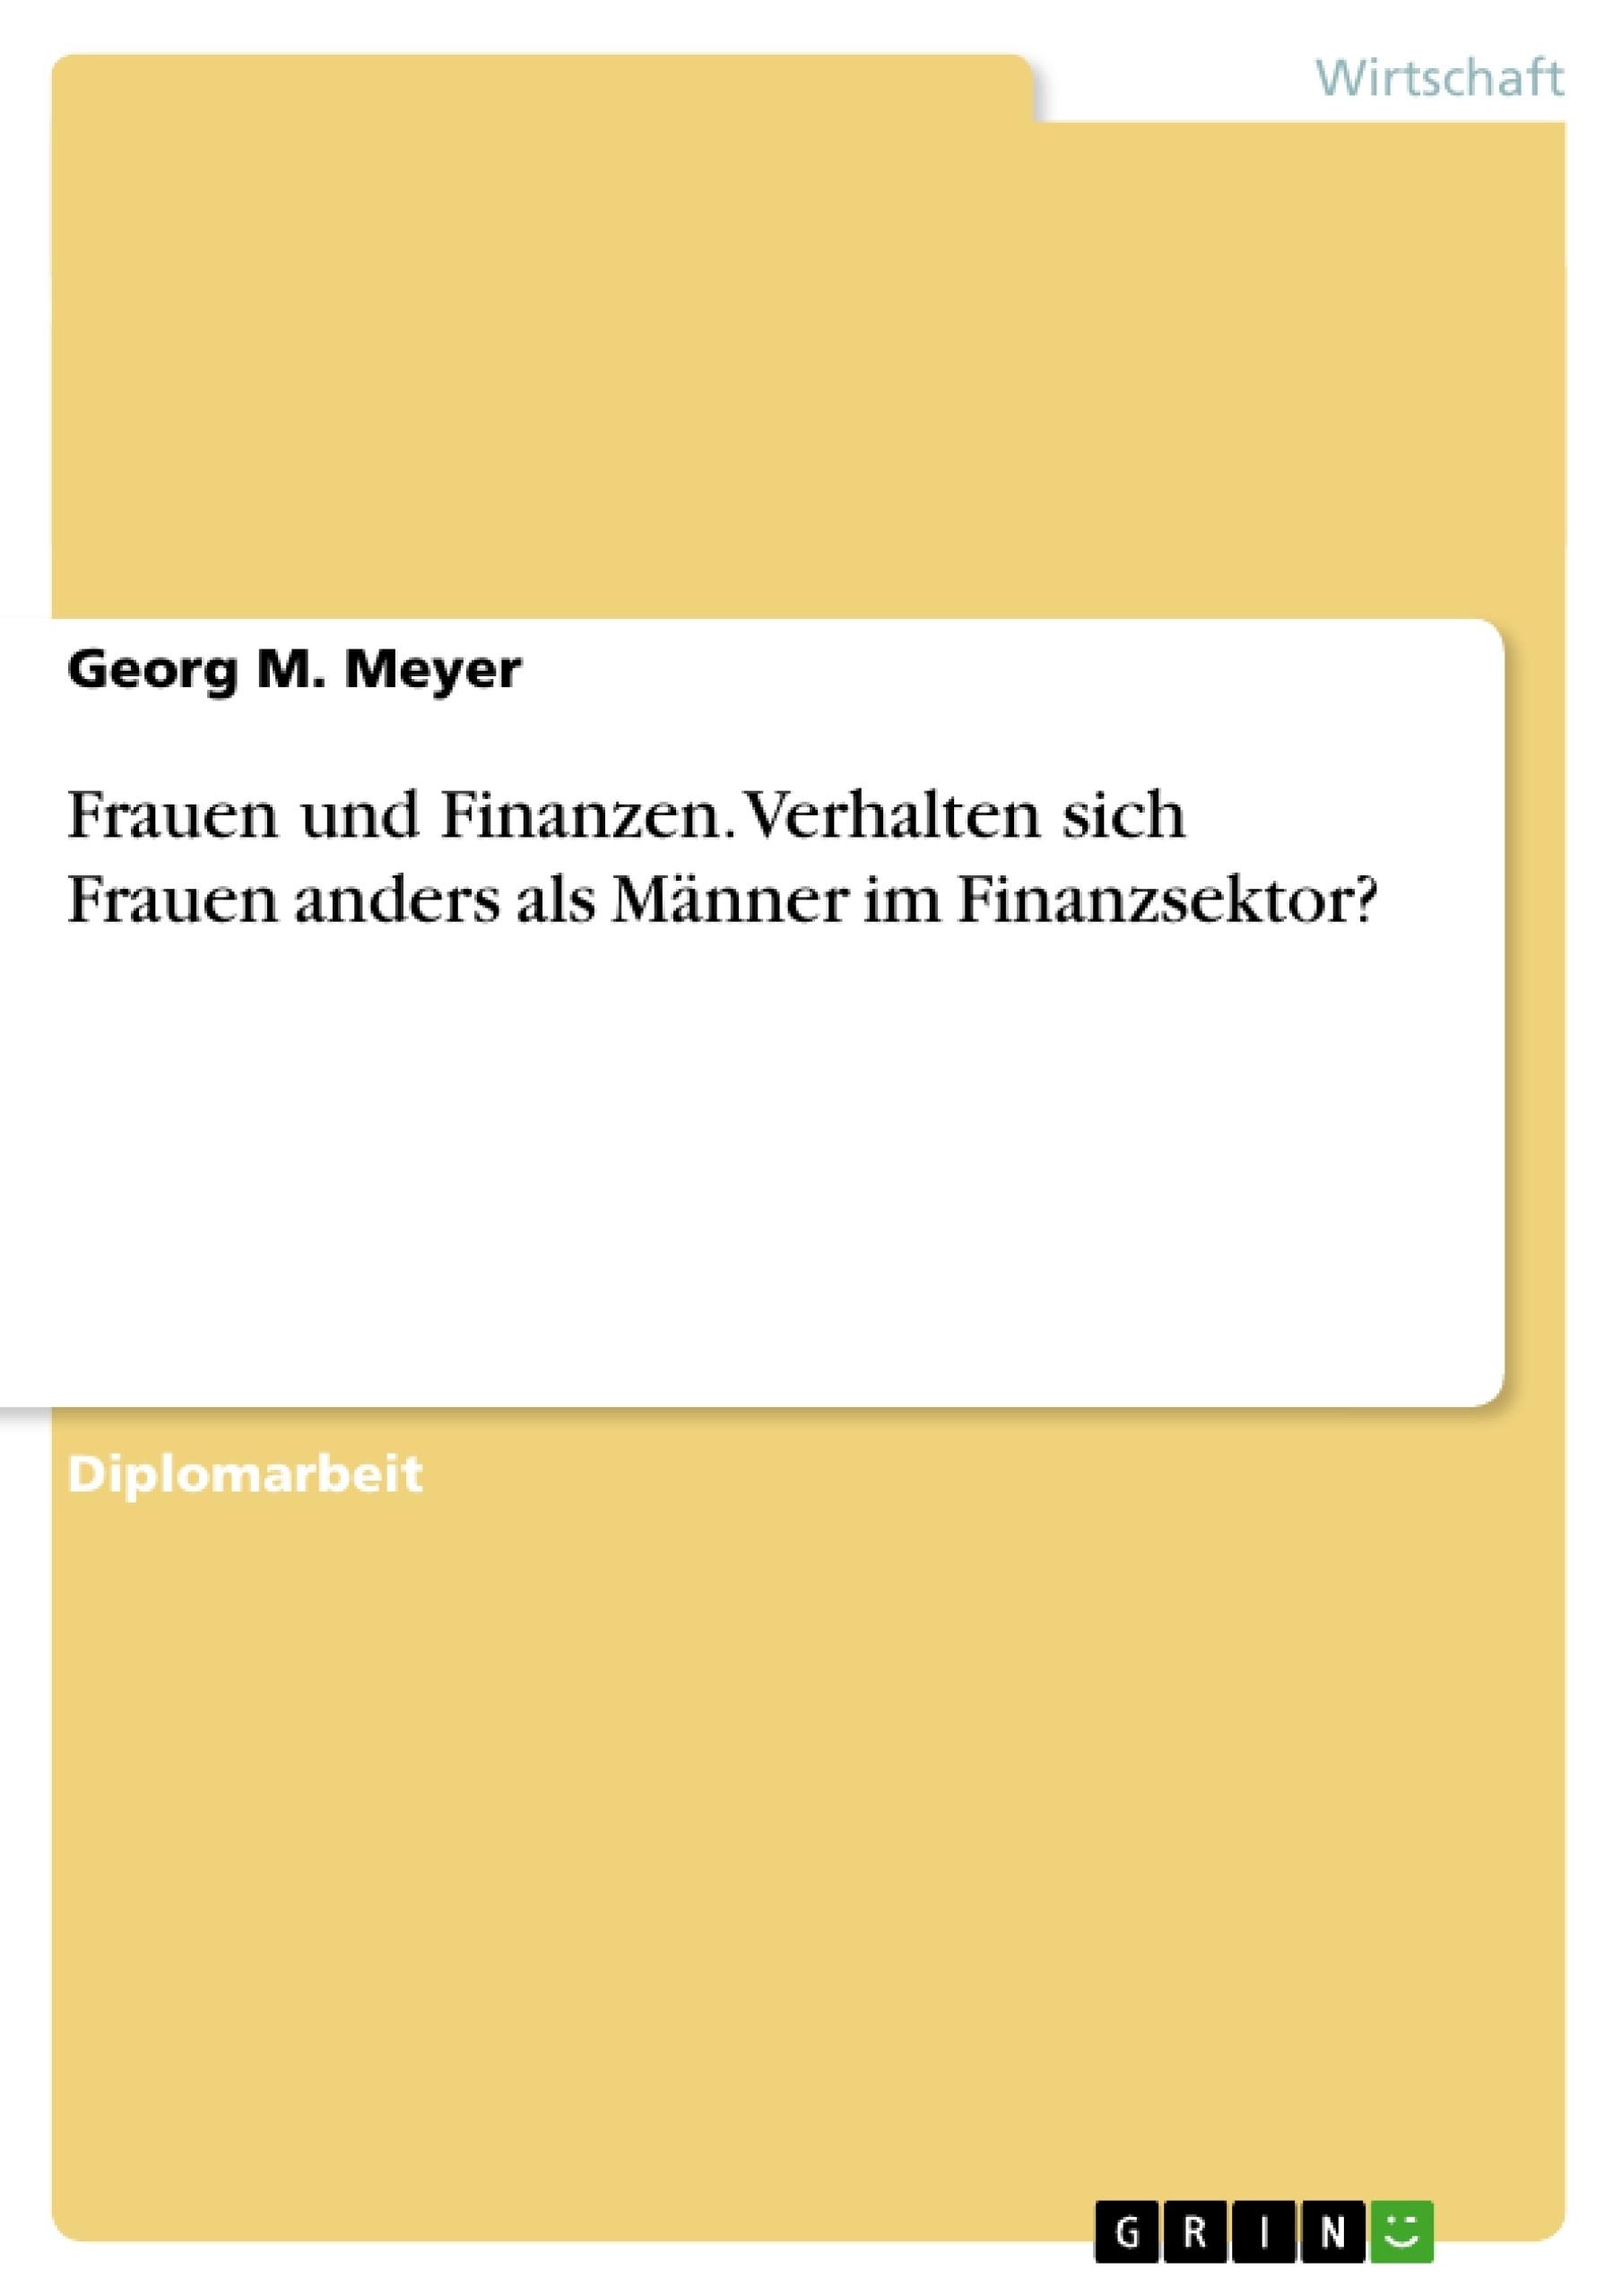 Titel: Frauen und Finanzen. Verhalten sich Frauen anders als Männer im Finanzsektor?